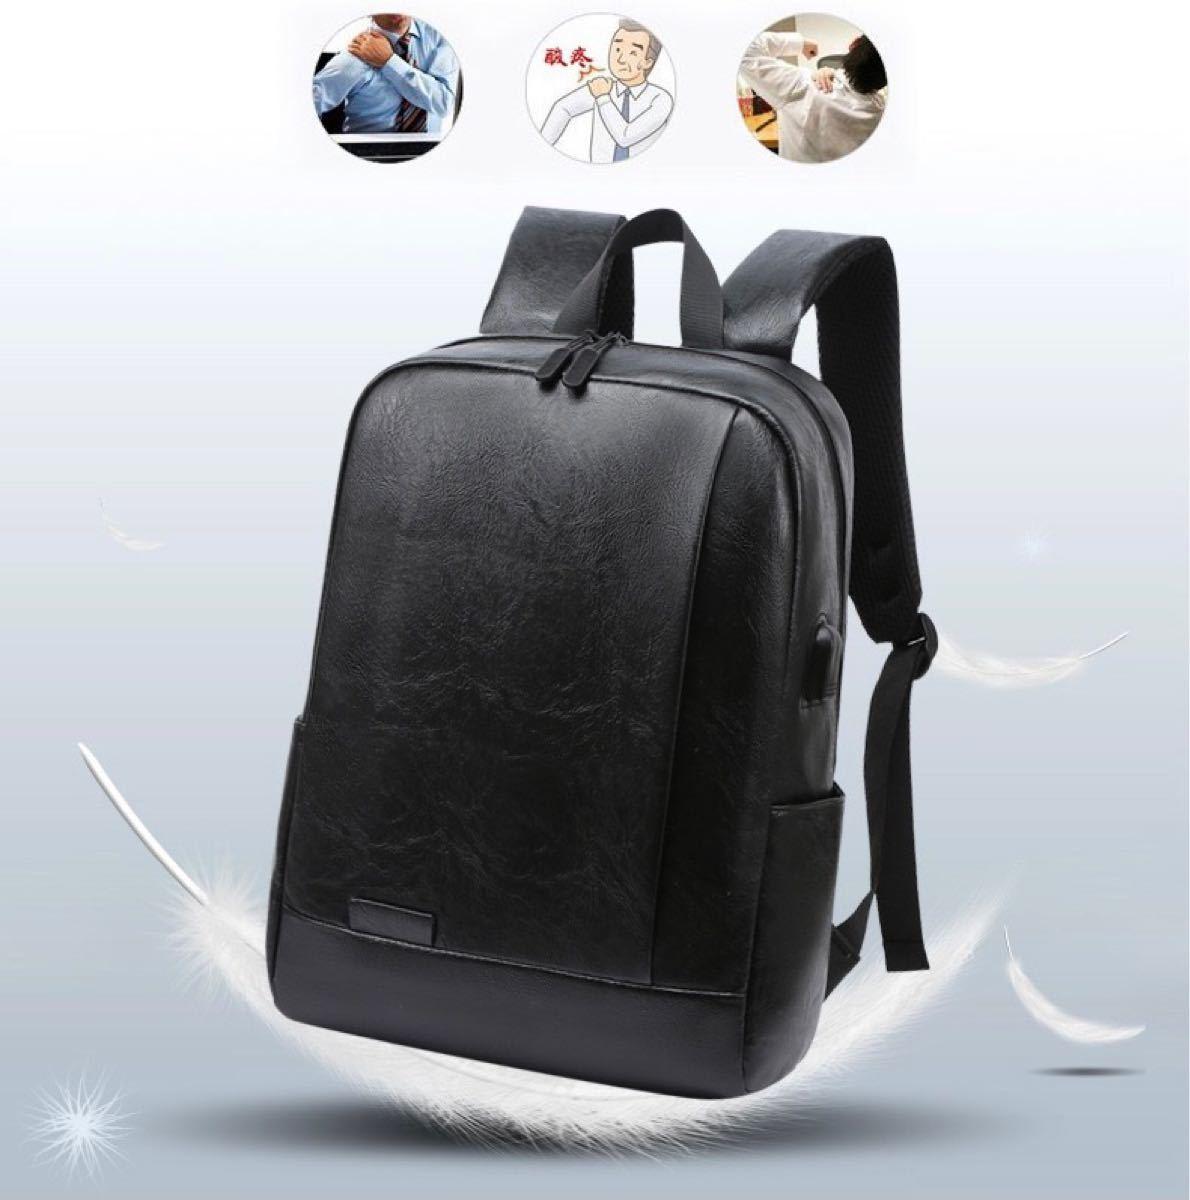 ビジネスリュック USB充電ポート A4サイズPC収納対応 バッグパック男性用